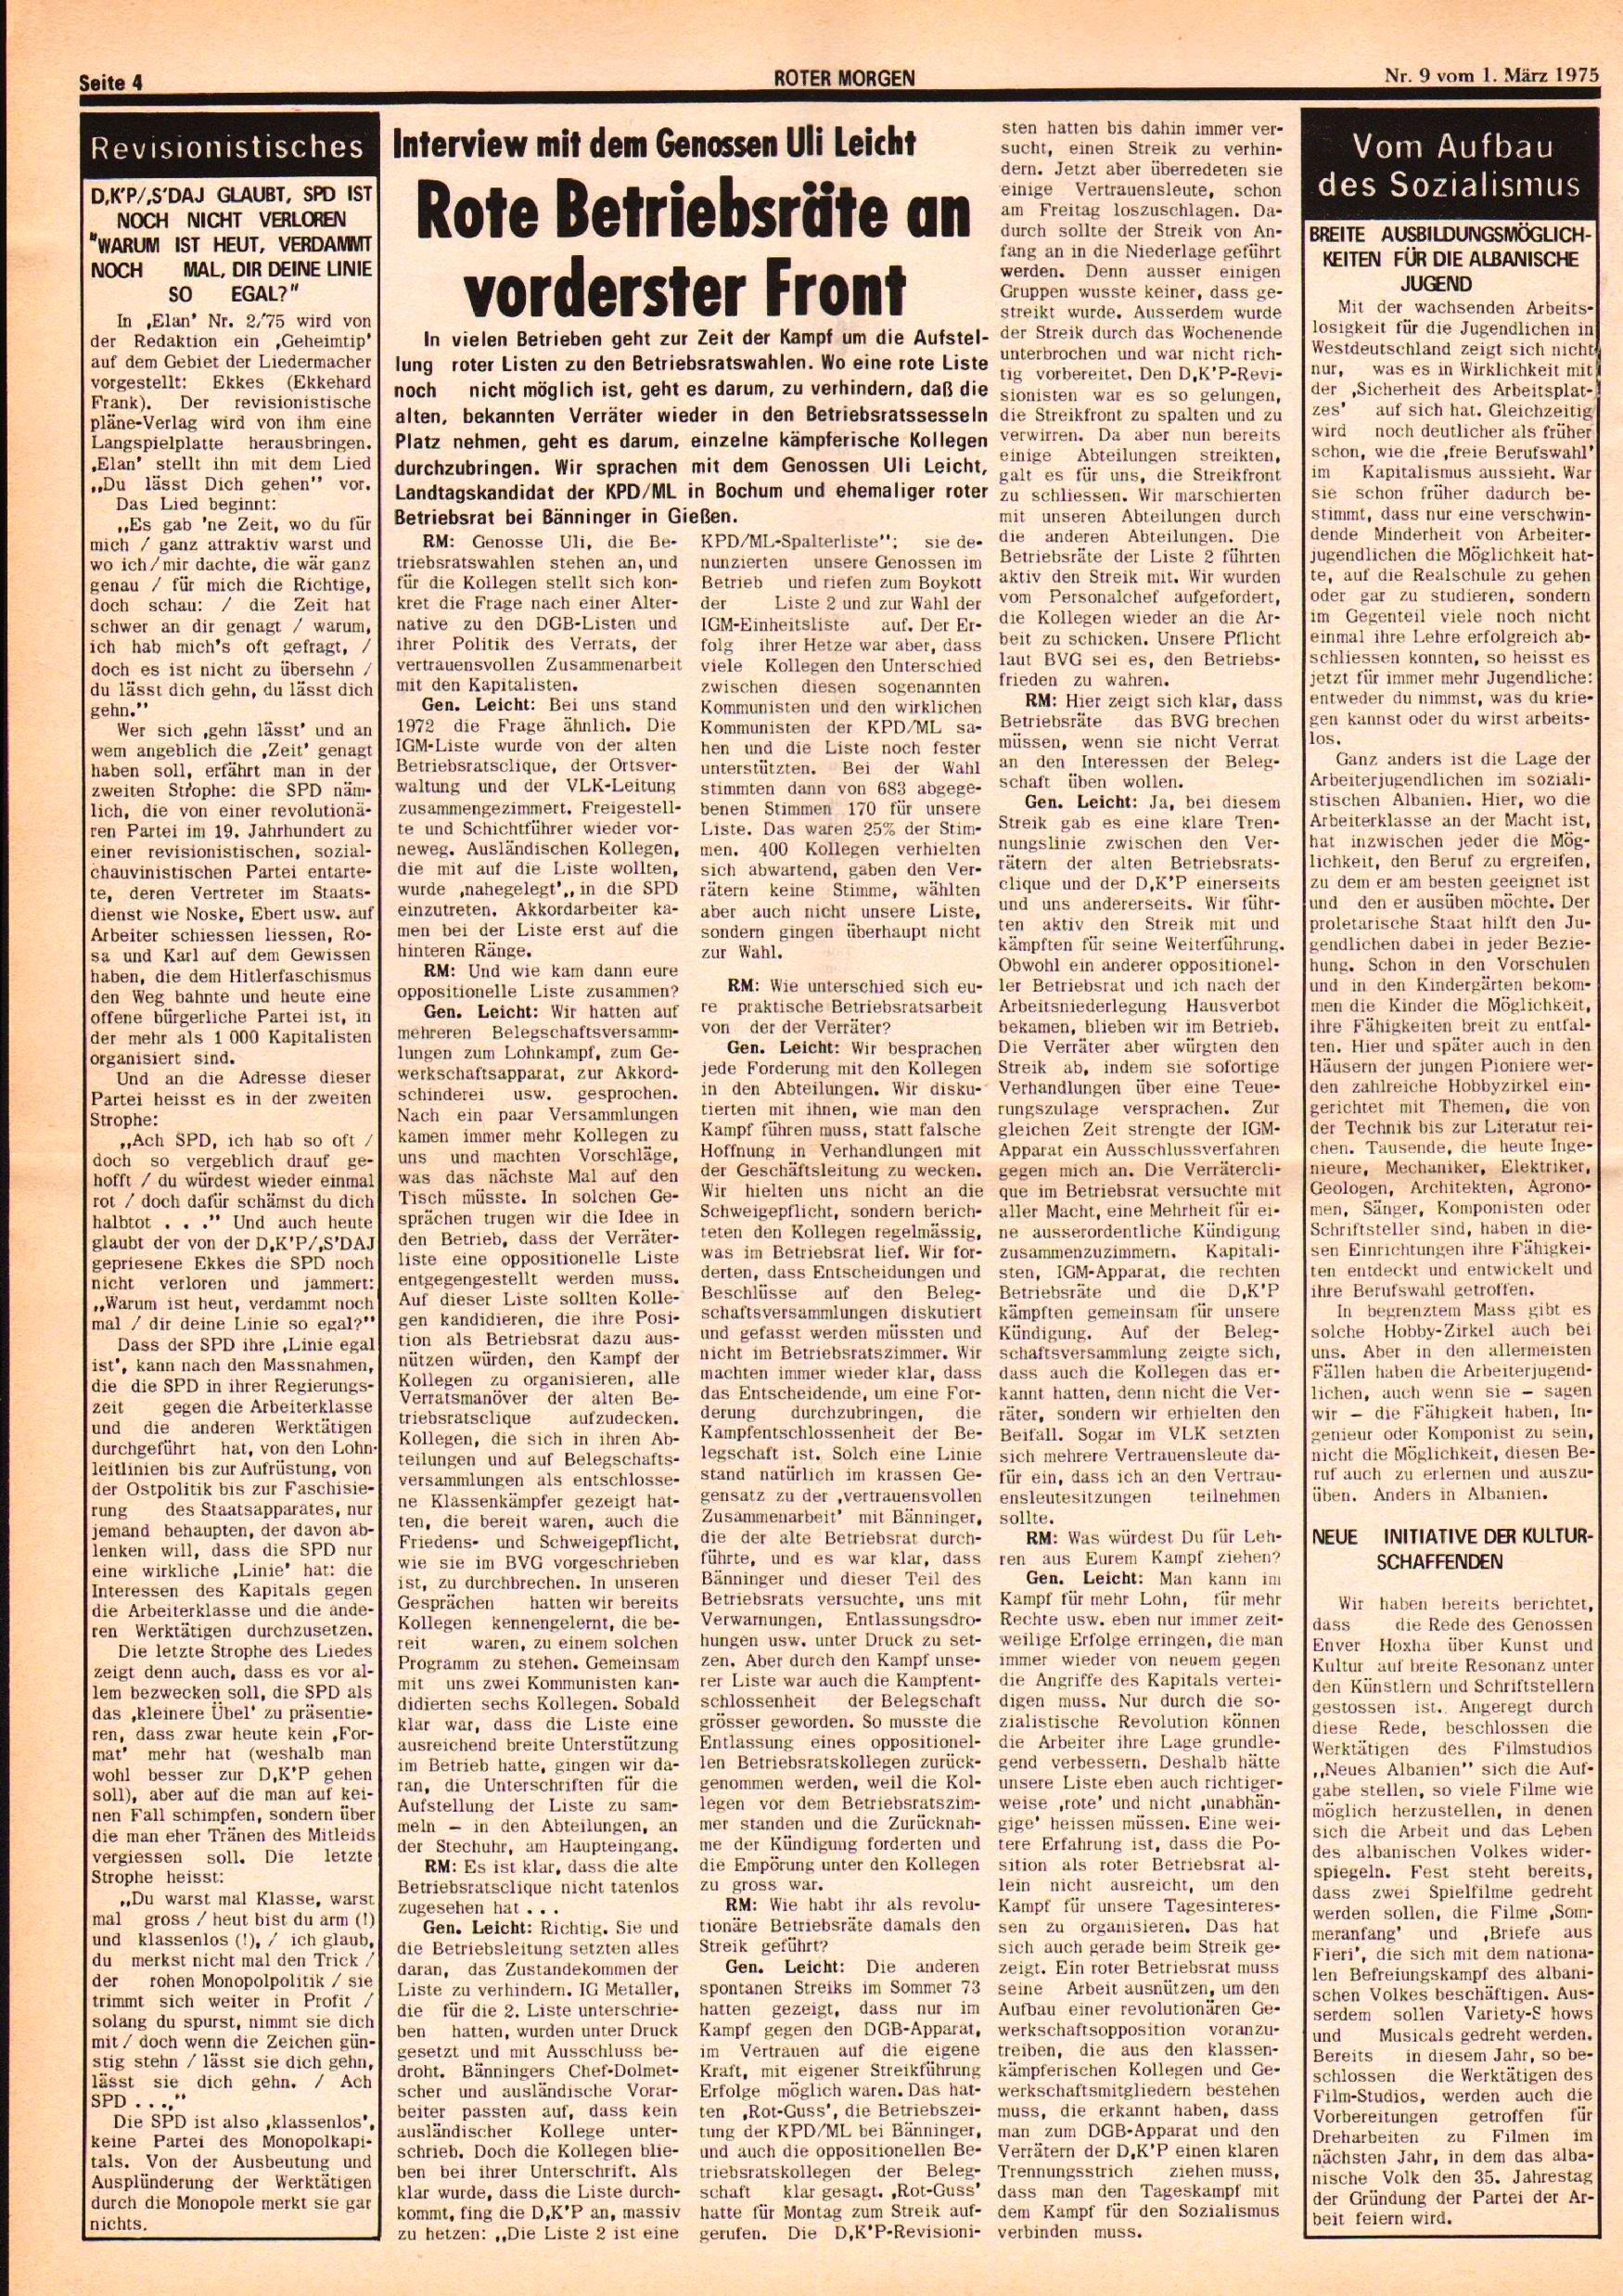 Roter Morgen, 9. Jg., 1. März 1975, Nr. 9, Seite 4